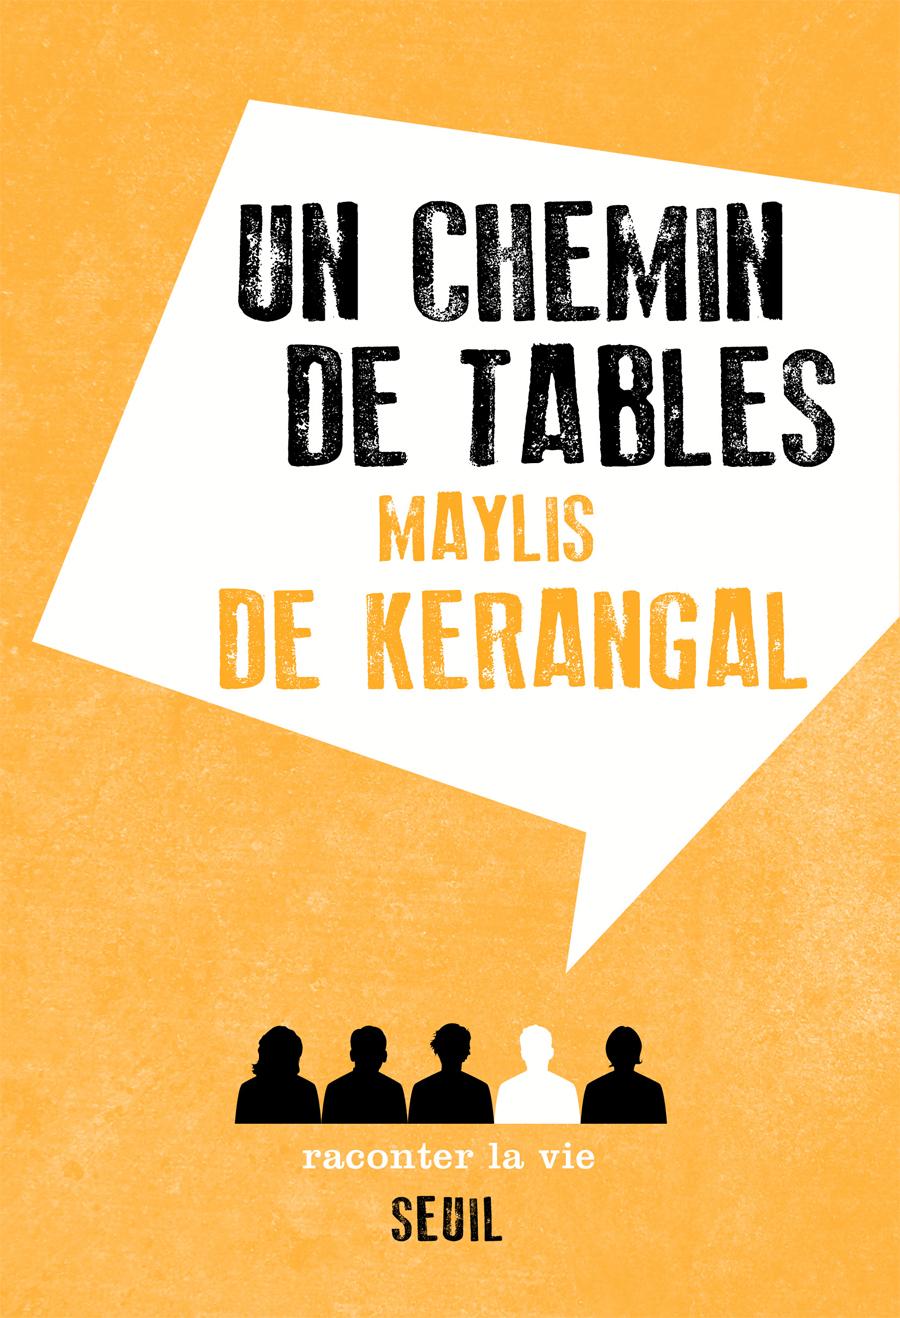 ♥ Un chemin de tables, de Maylis de Kerangal